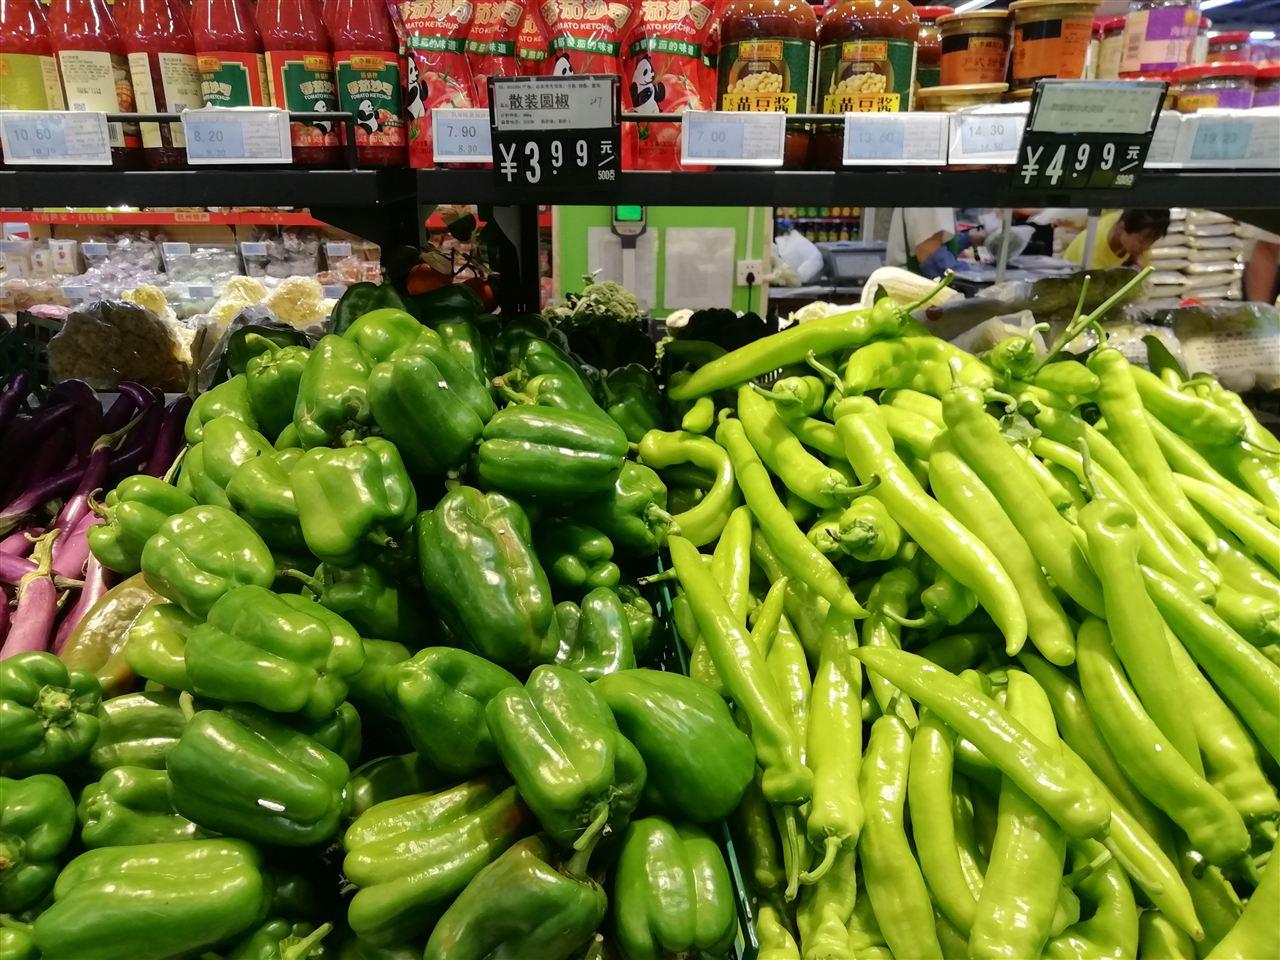 高光谱成像技术 有效助力果蔬产品无损检测